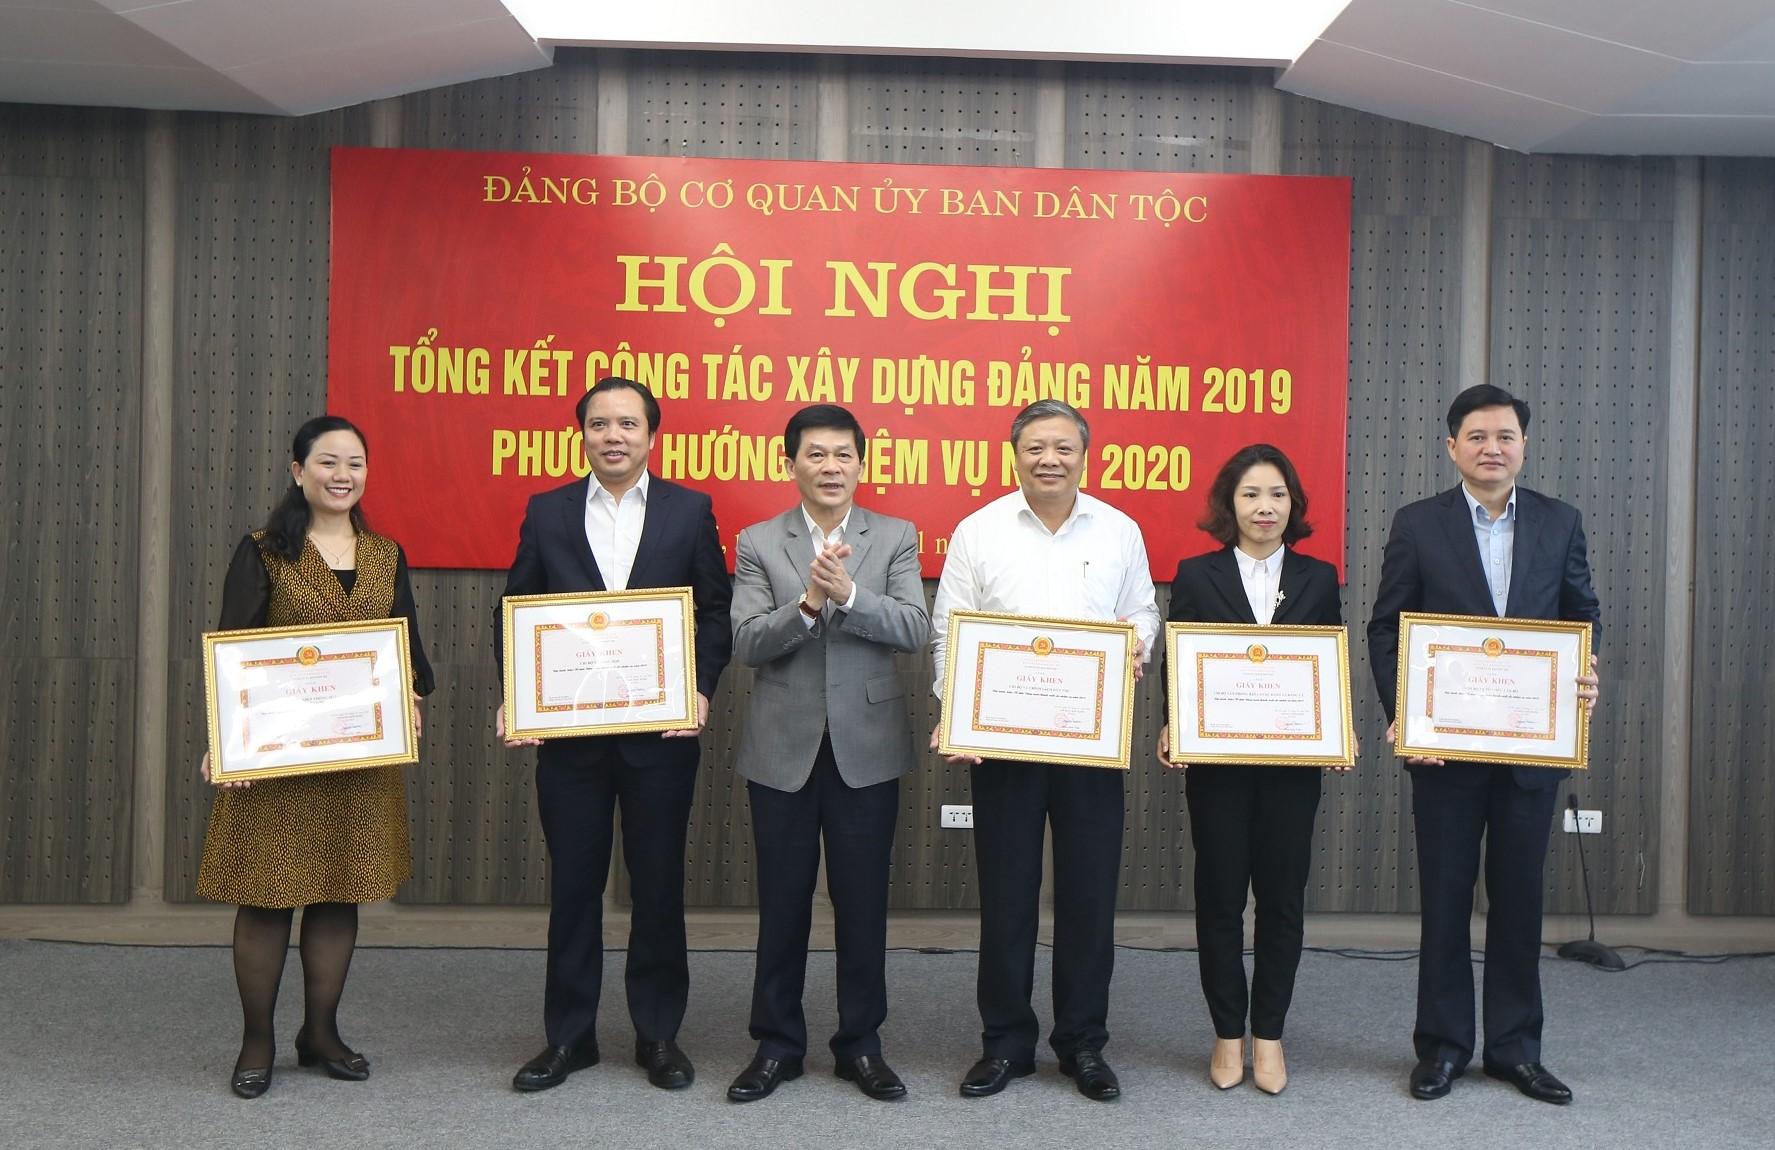 Bí thư Đảng ủy Nông Quốc Tuấn trao tặng Giấy khen của Đảng ủy cơ quan UBDT cho các tổ chức đảng hoàn thành xuất sắc nhiệm vụ năm 2019